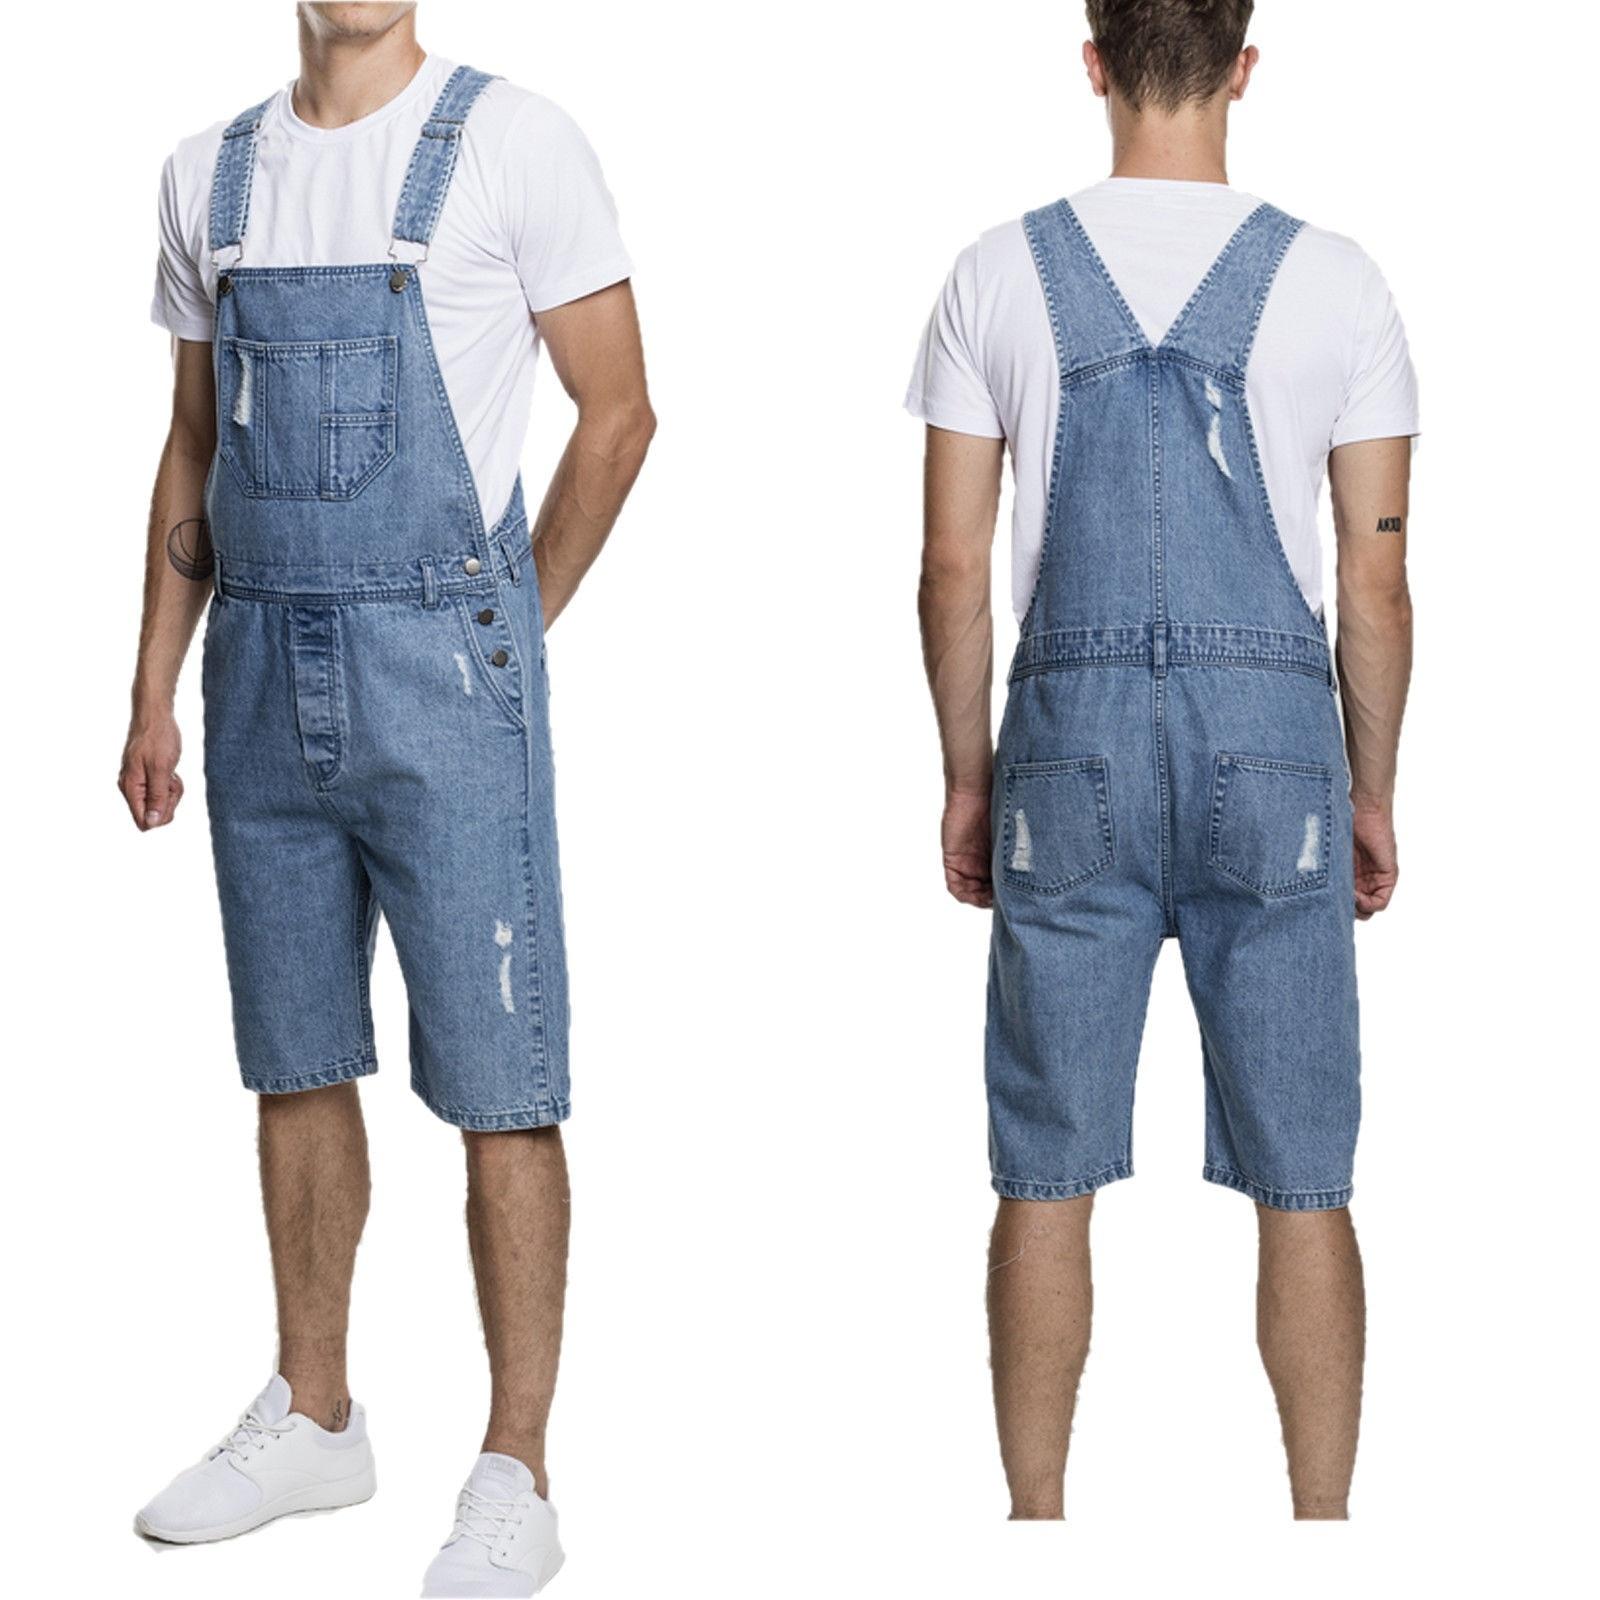 2019 Summer Men's Denim Sling Jumpsuit Men's Jeans Solid Bib Pants Men's Casual Jeans Overalls Mid Waist Male's Shorts D40